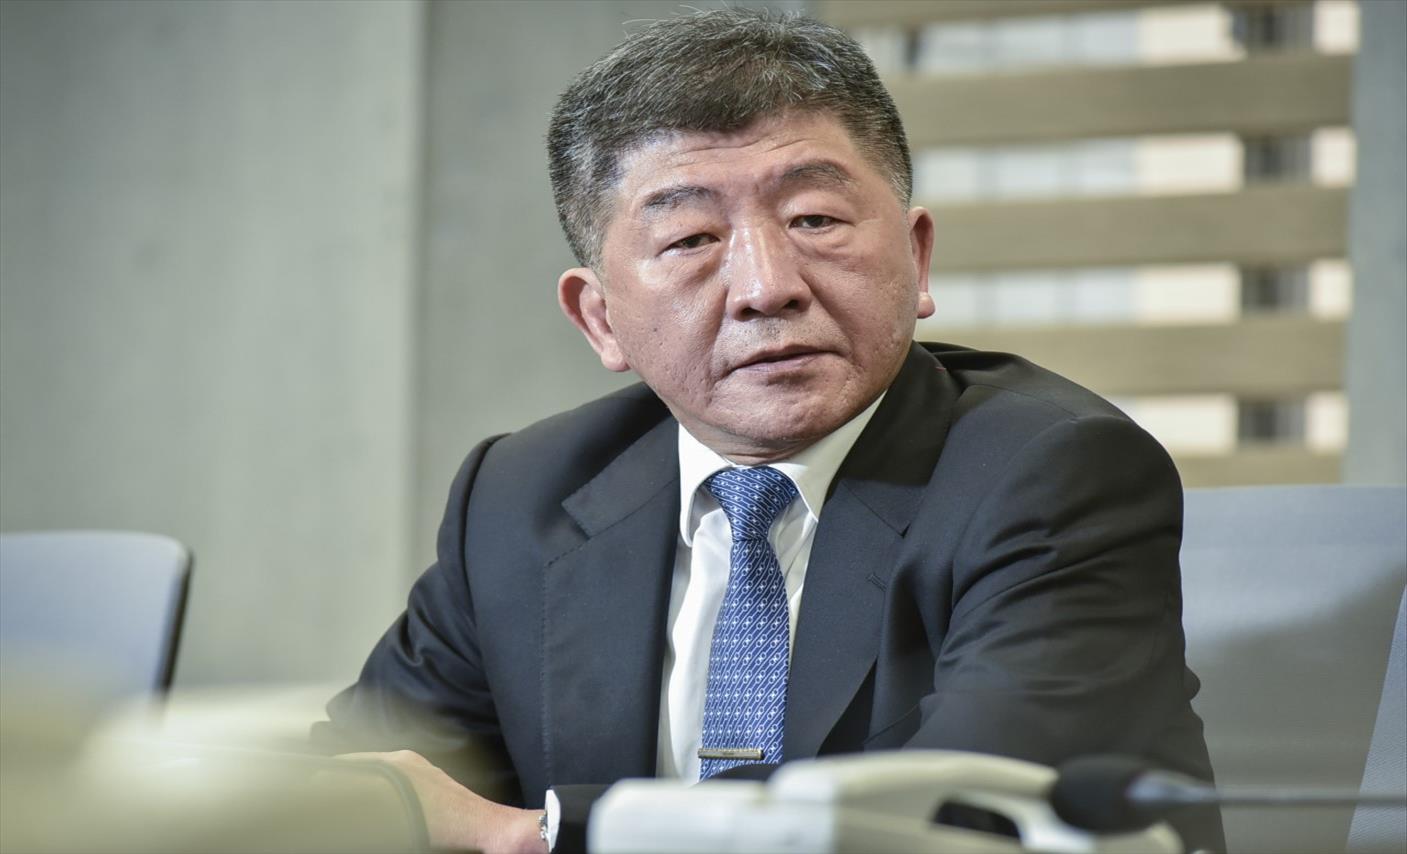 Слика од Интервју со тајванскиот министер за здравство: Со вакцинација, дисциплина и личната зашти во борба против Ковид-19